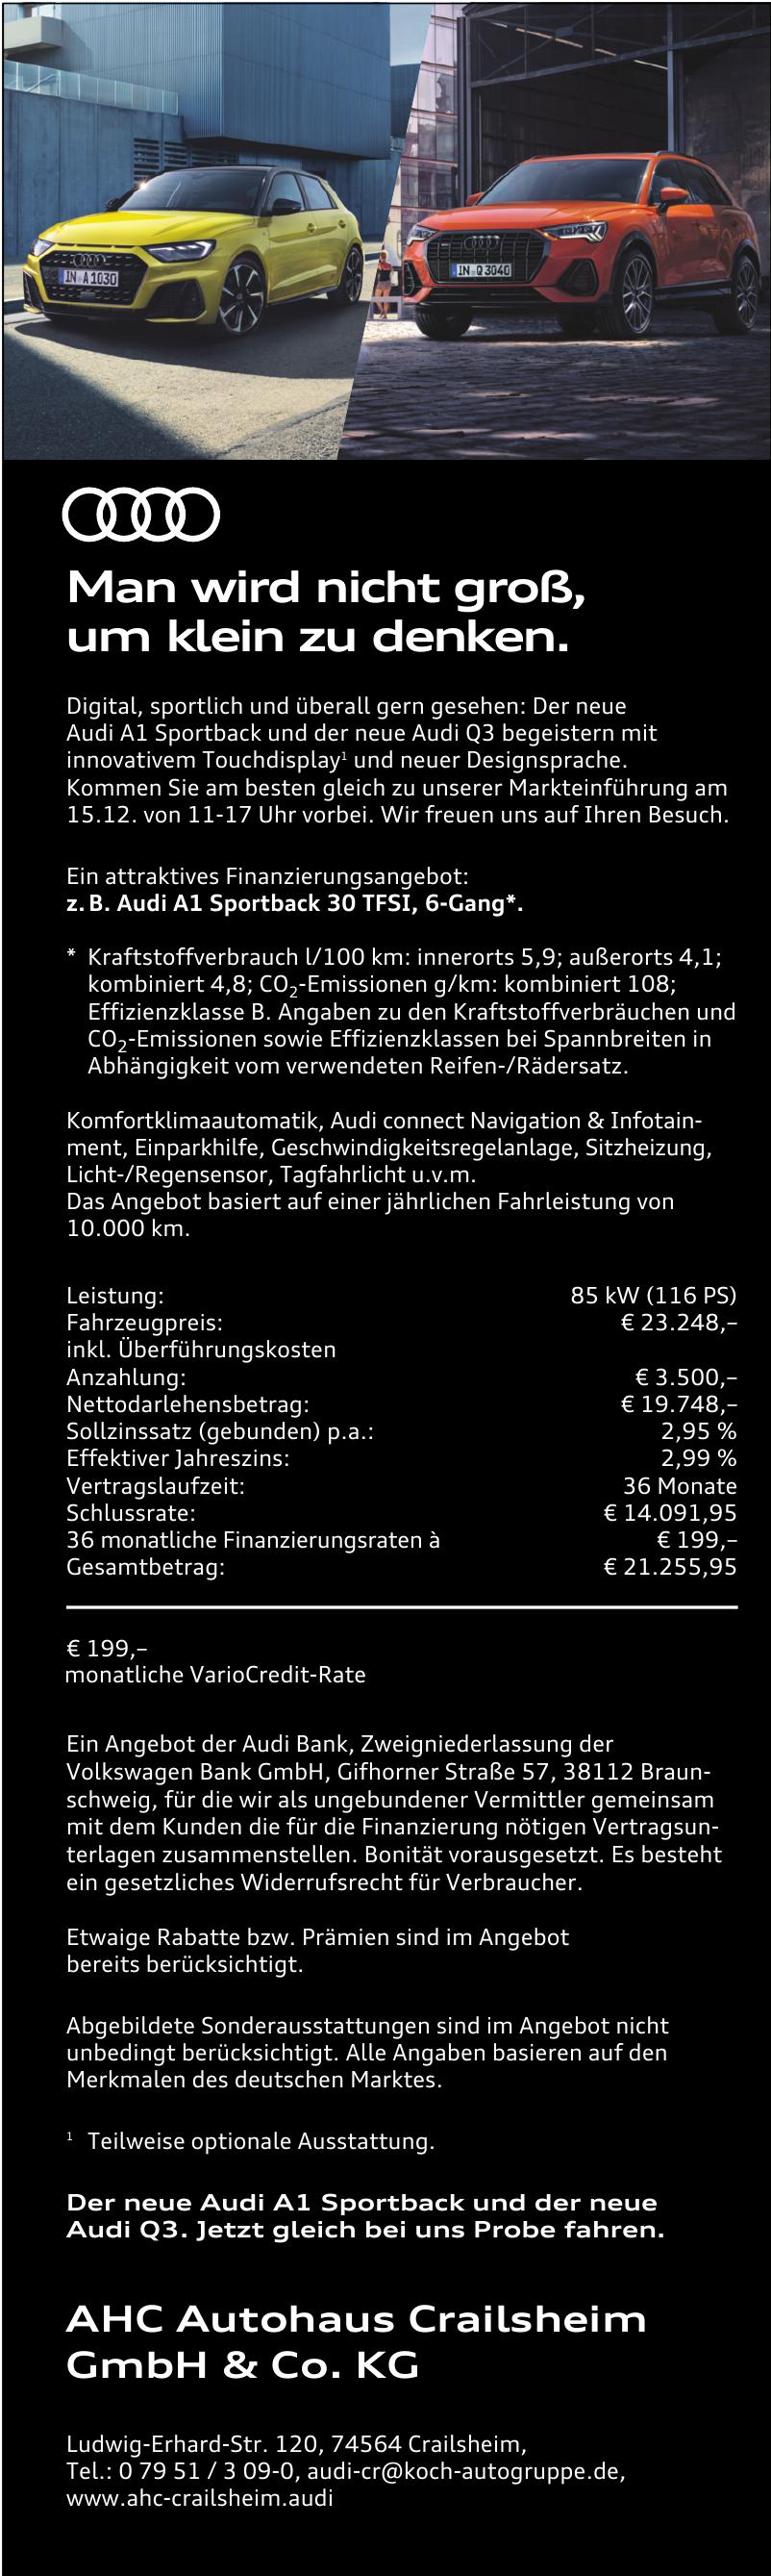 AHC Autohaus Crailsheim GmbH & Co. KG